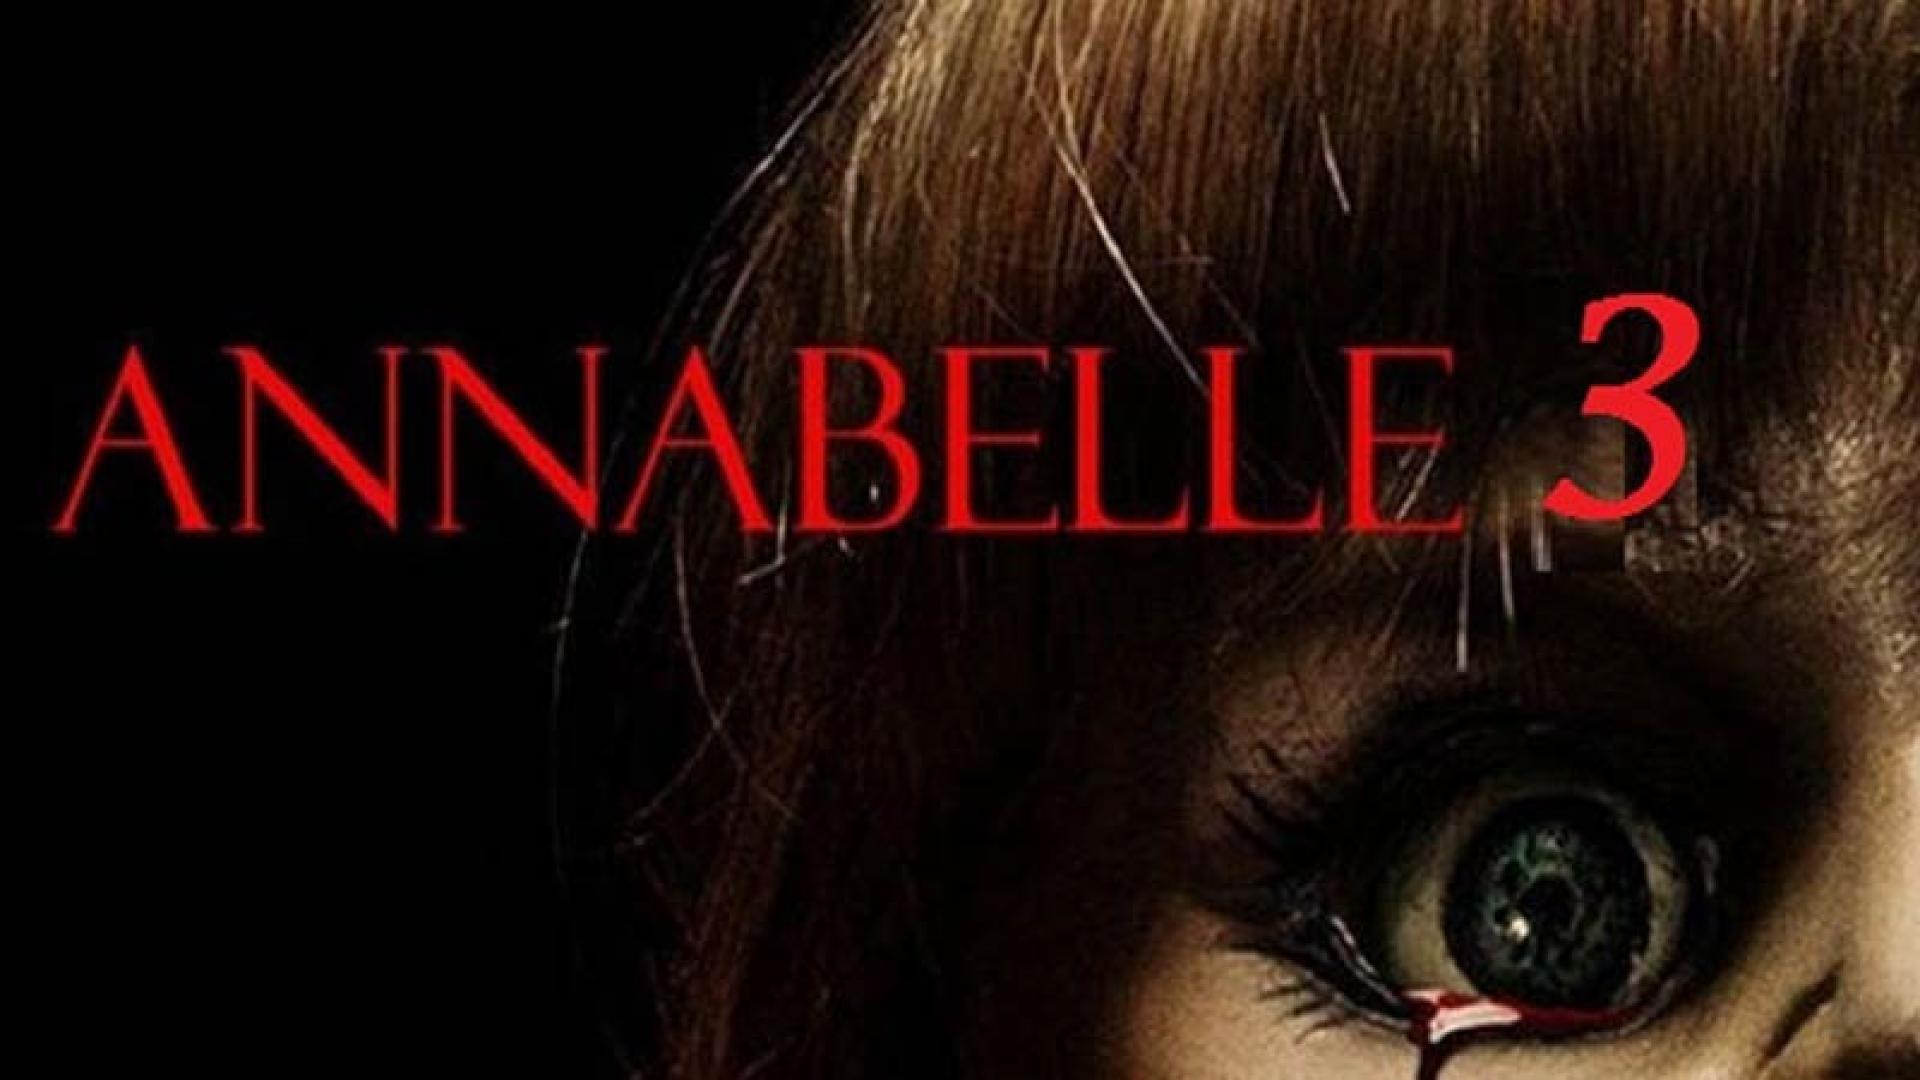 Hírek érkeztek az Annabelle harmadik részéről